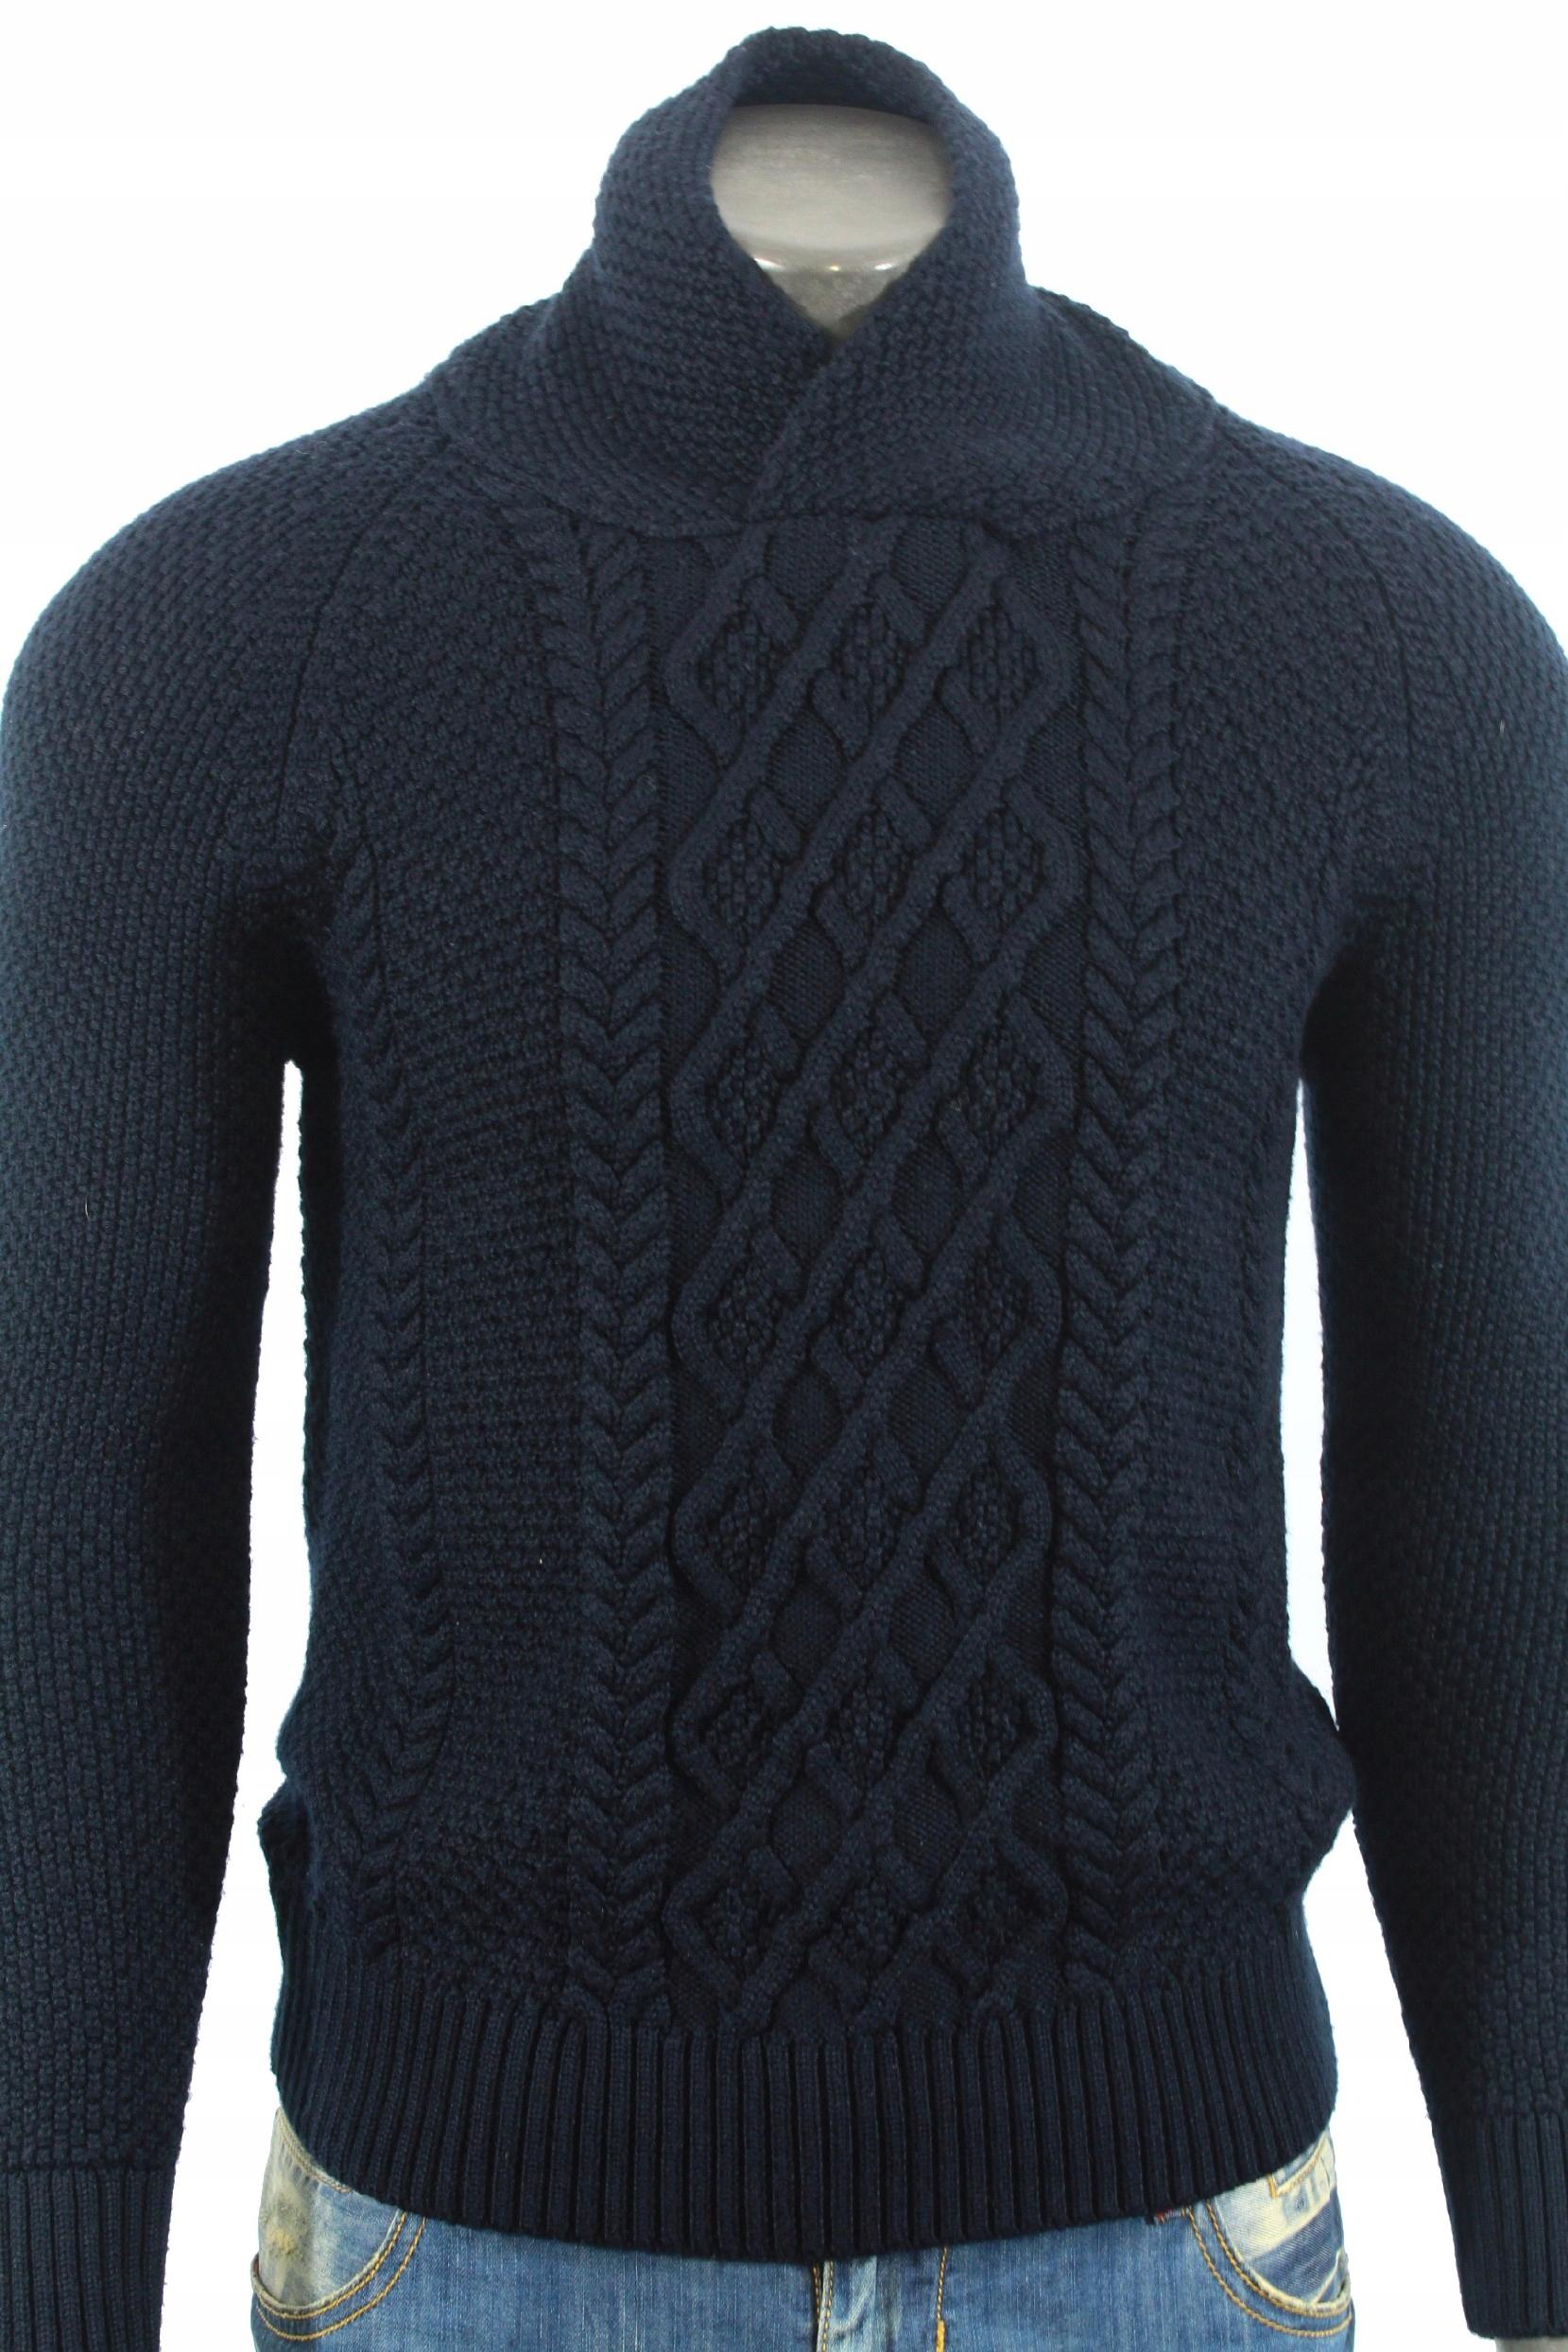 ZARA MAN Sweterek stylowy modny! M